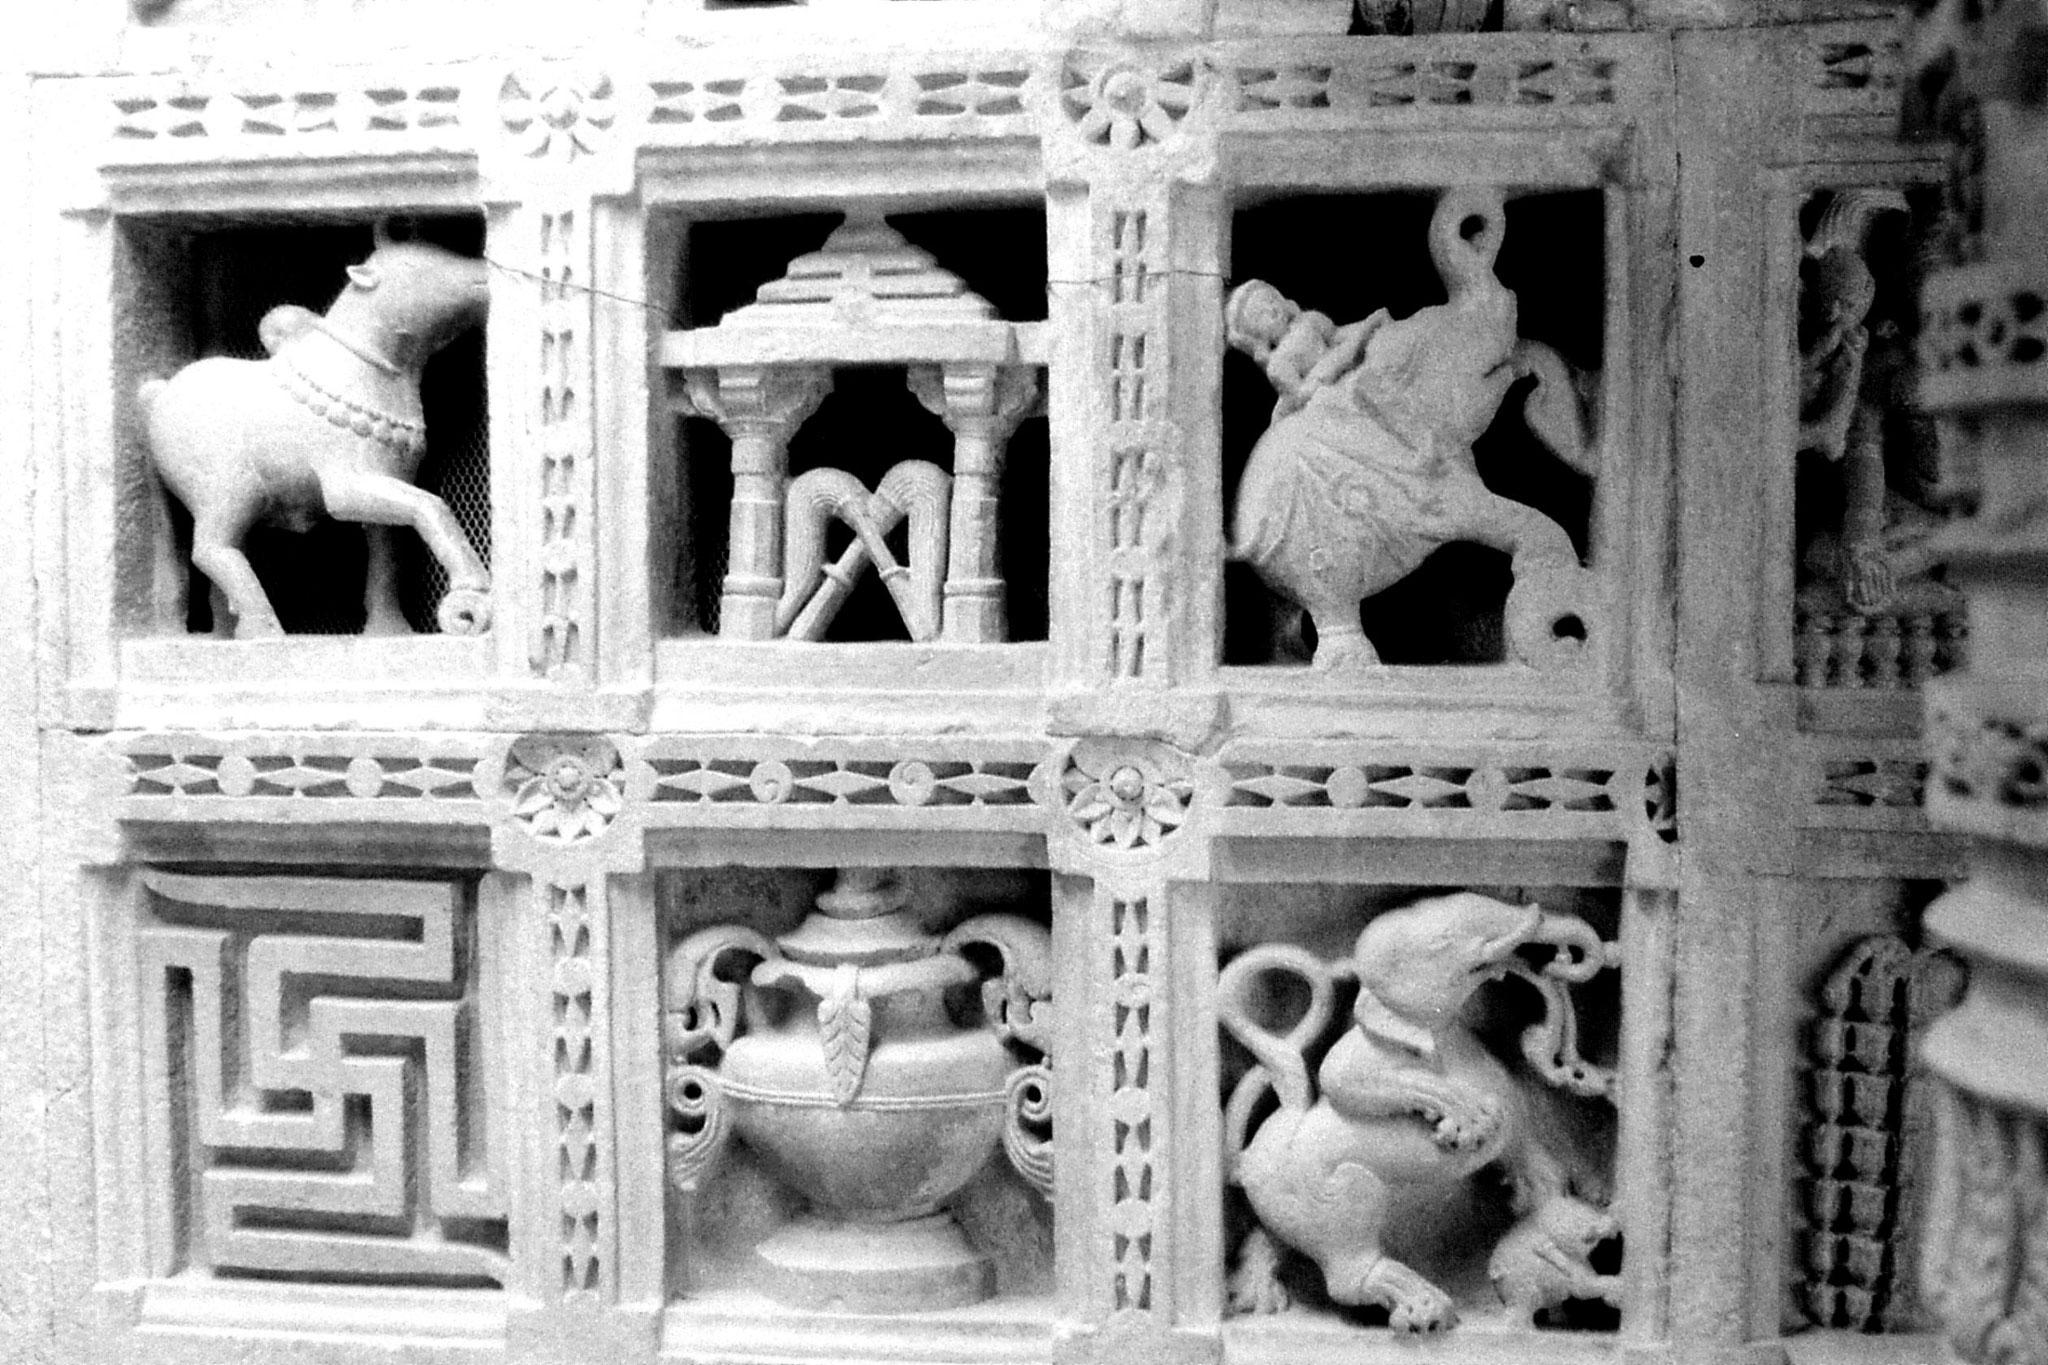 2/12/1989: 14: Jaisalmer, Jain temple